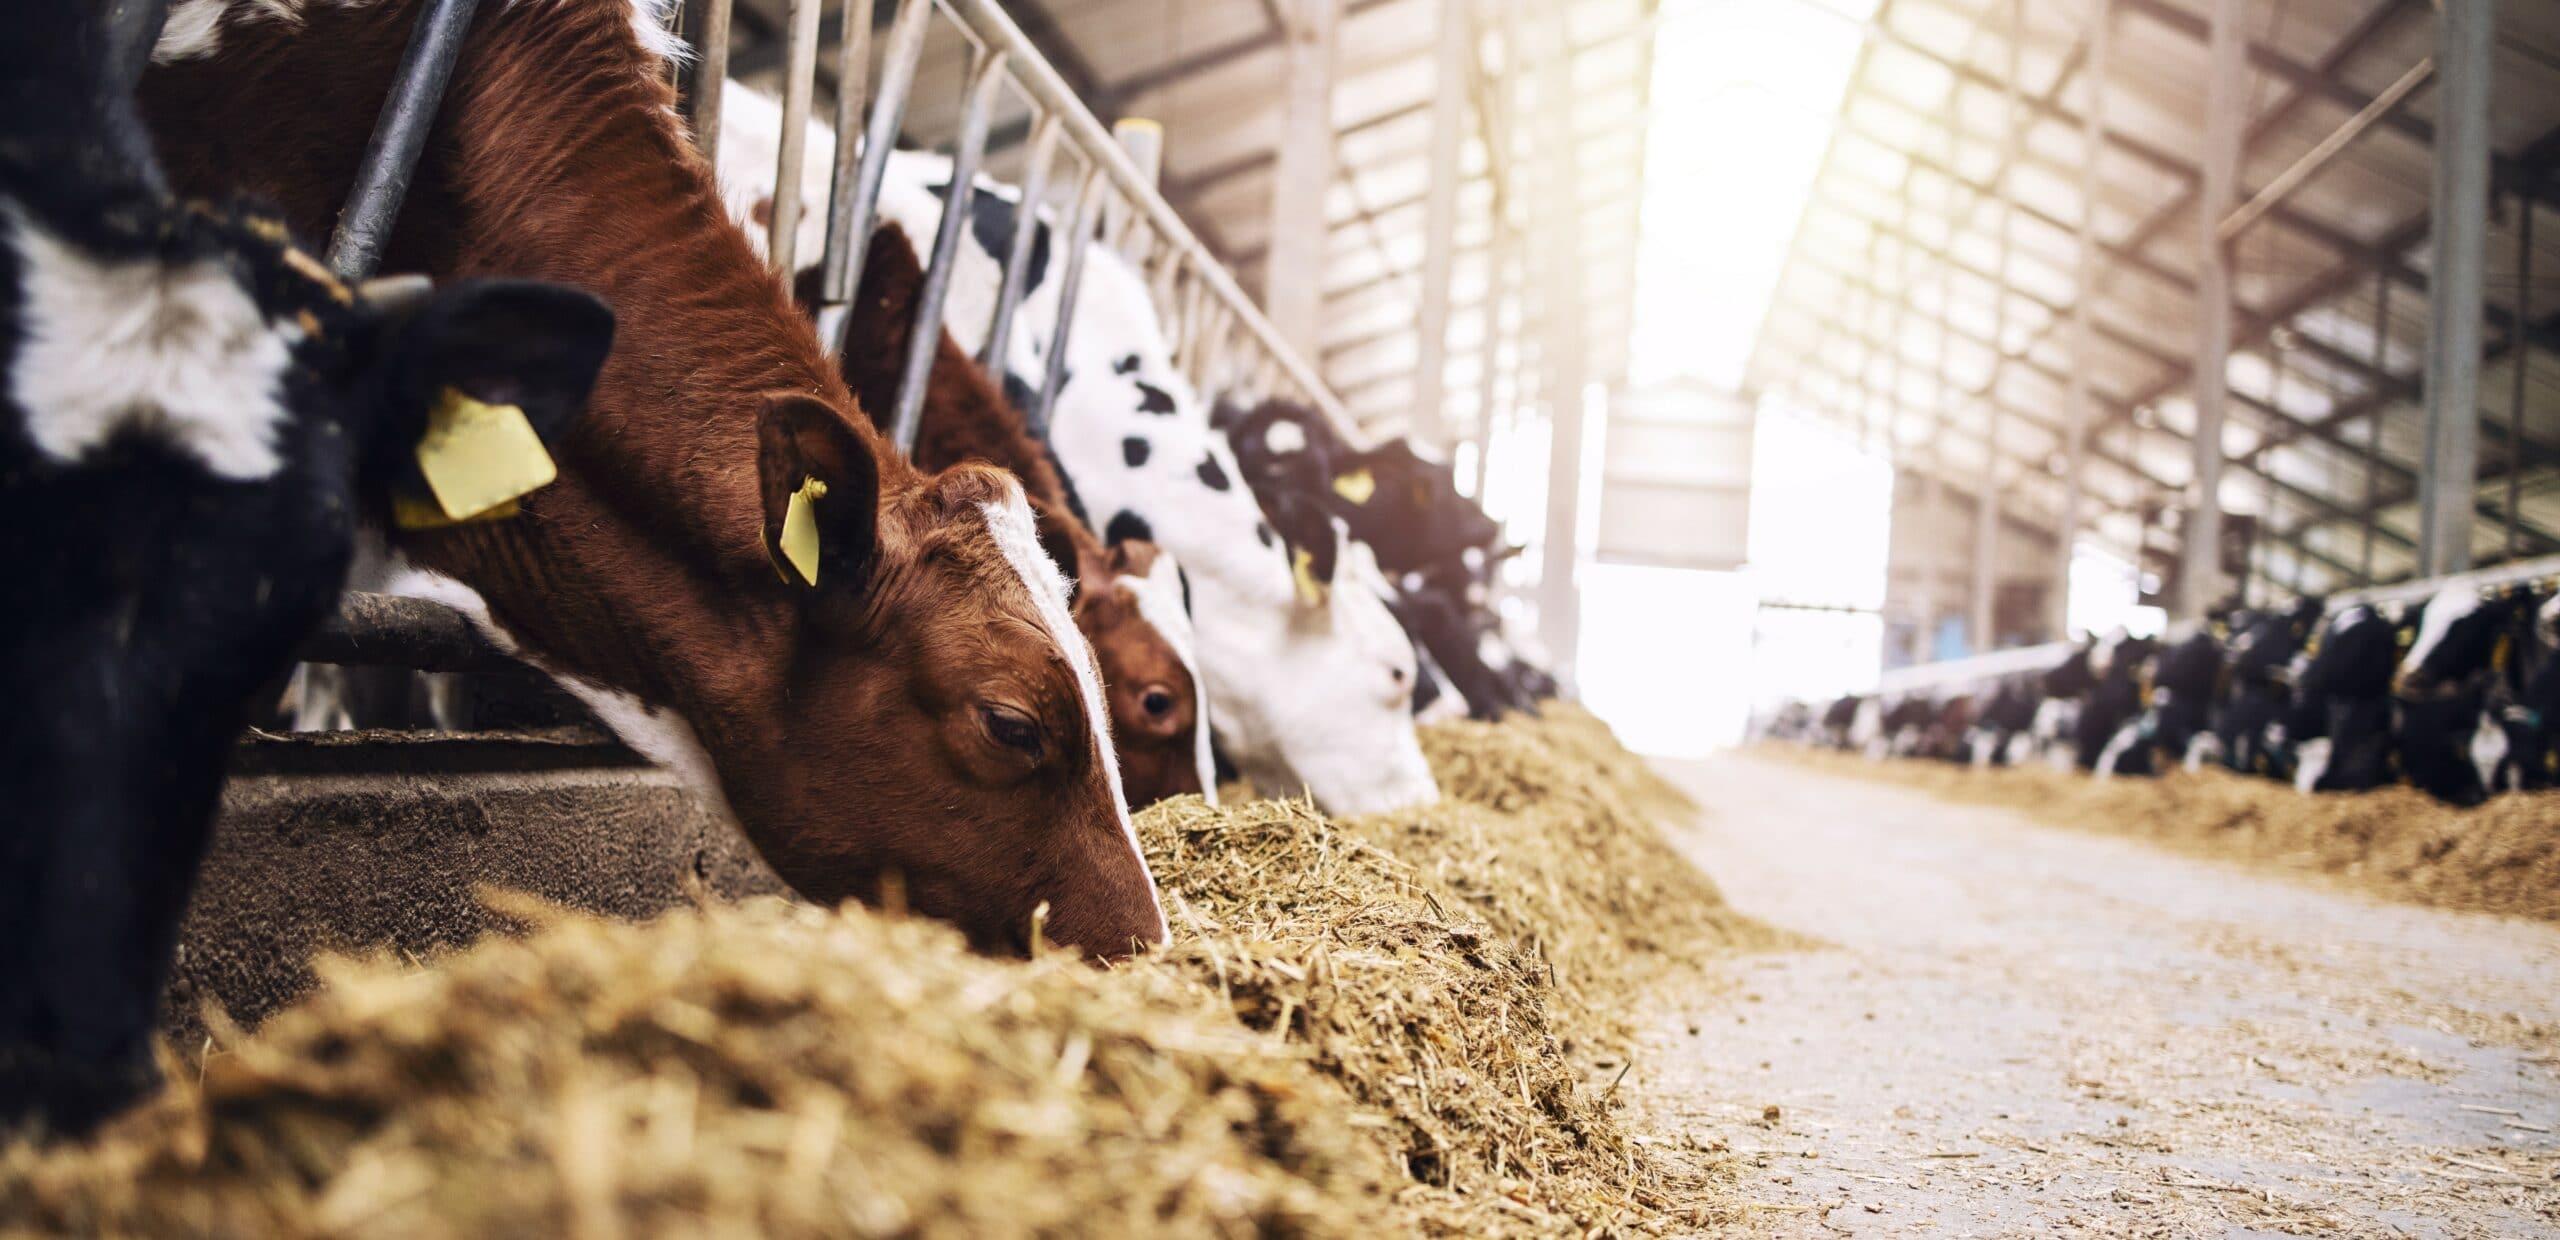 allevamento e dieta ecosostenibile